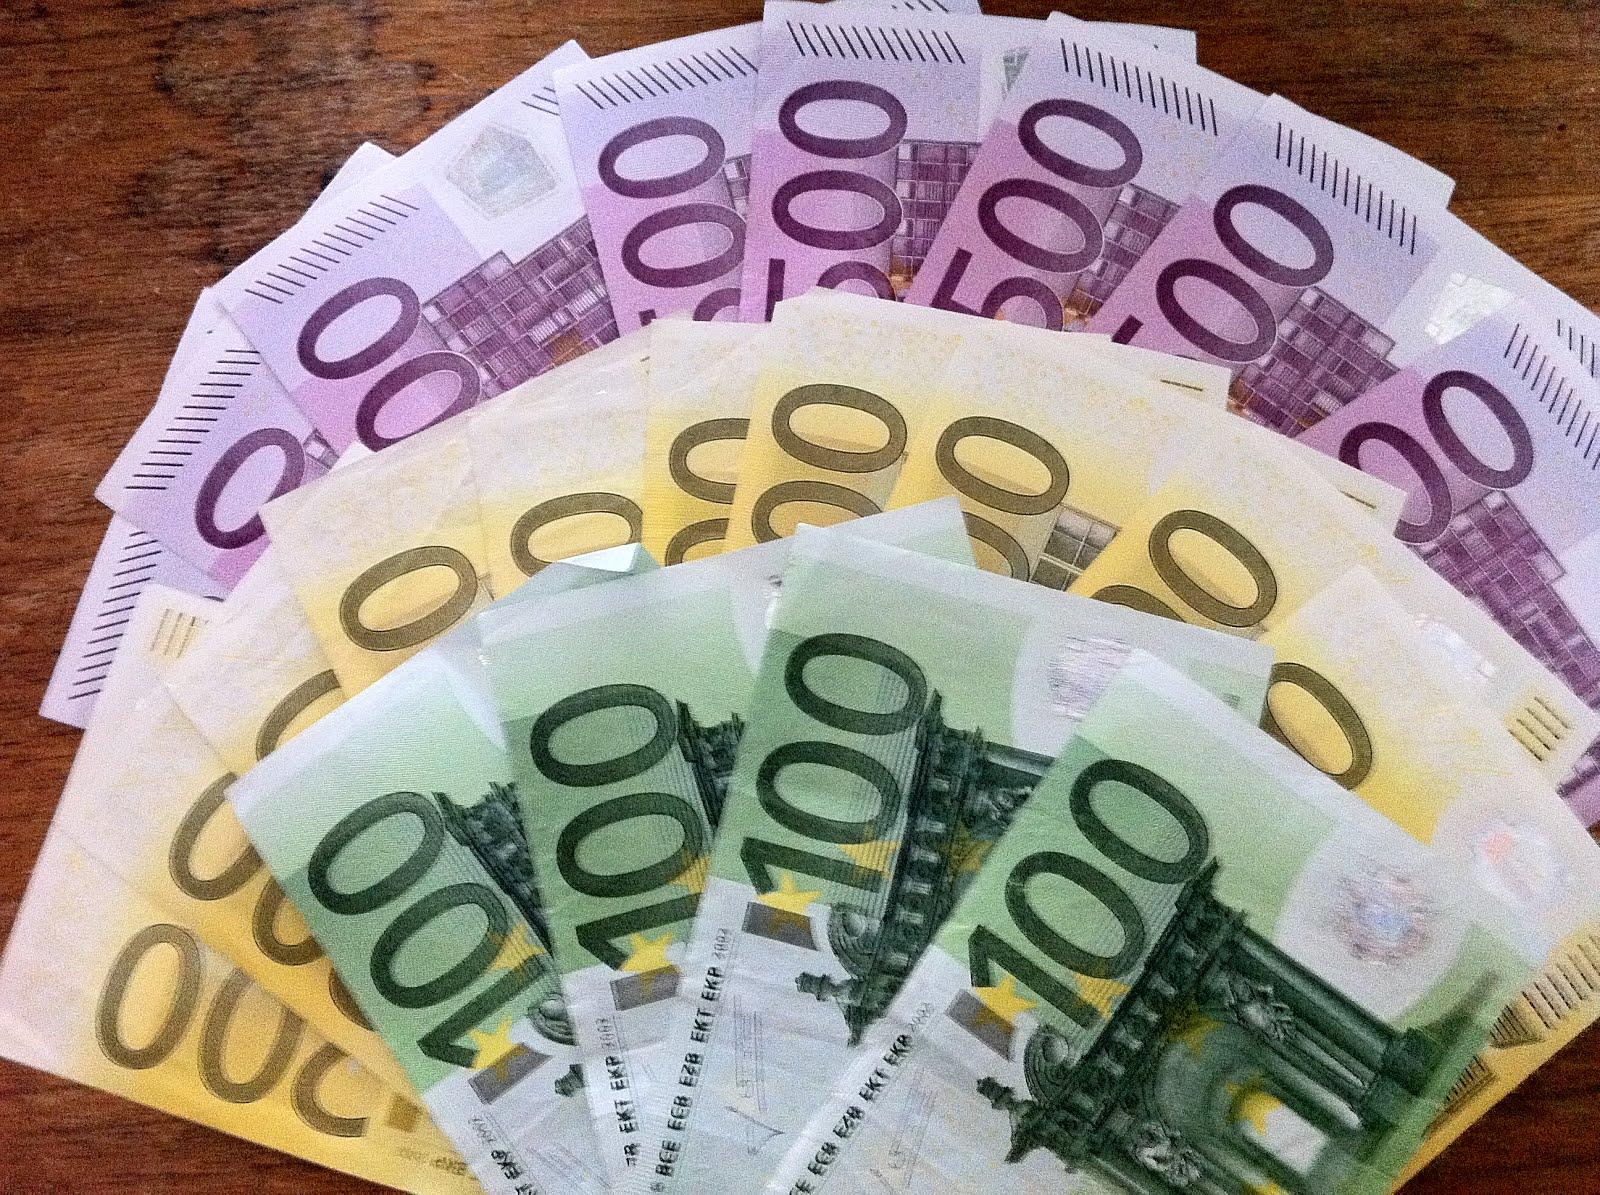 Sognare Sognare Delle Banconote